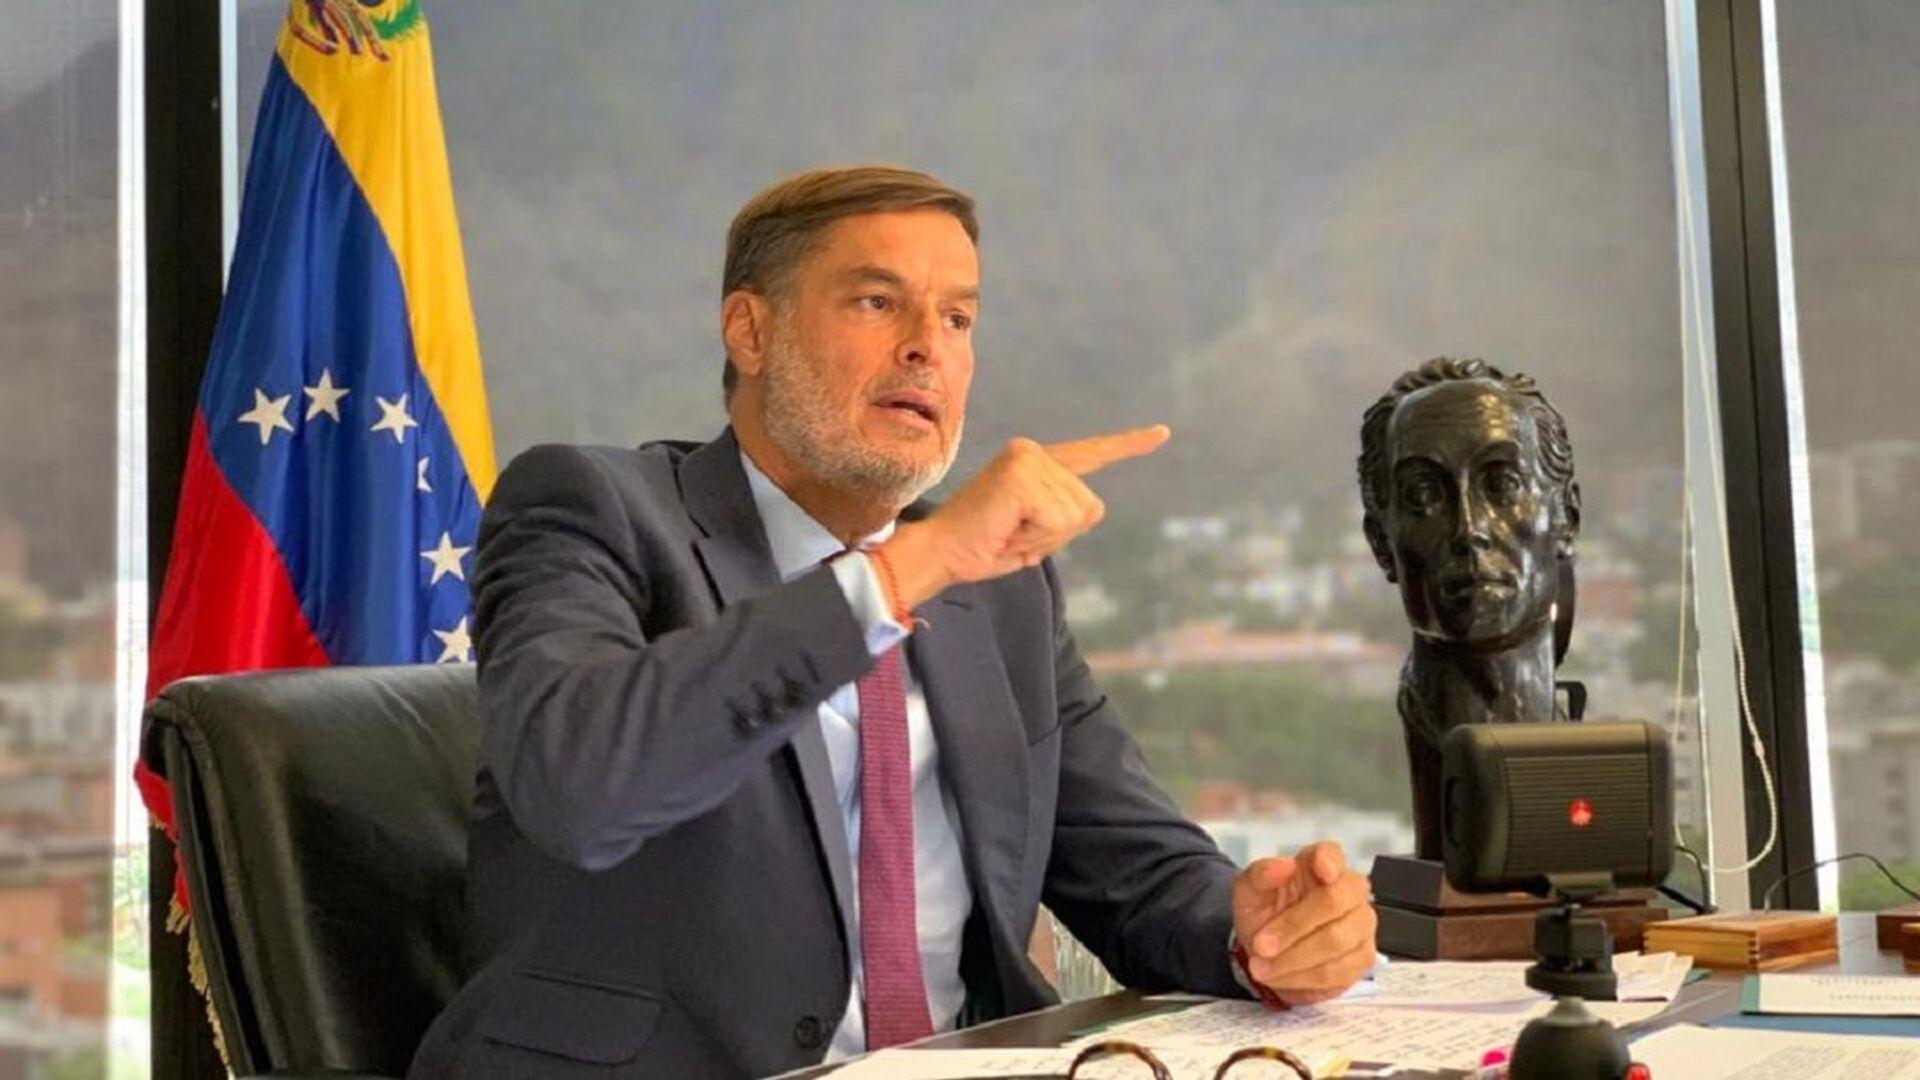 Félix Plasencia, el ministro del Poder Popular para el Turismo y Comercio Exterior de Venezuela - Sputnik Mundo, 1920, 20.09.2021